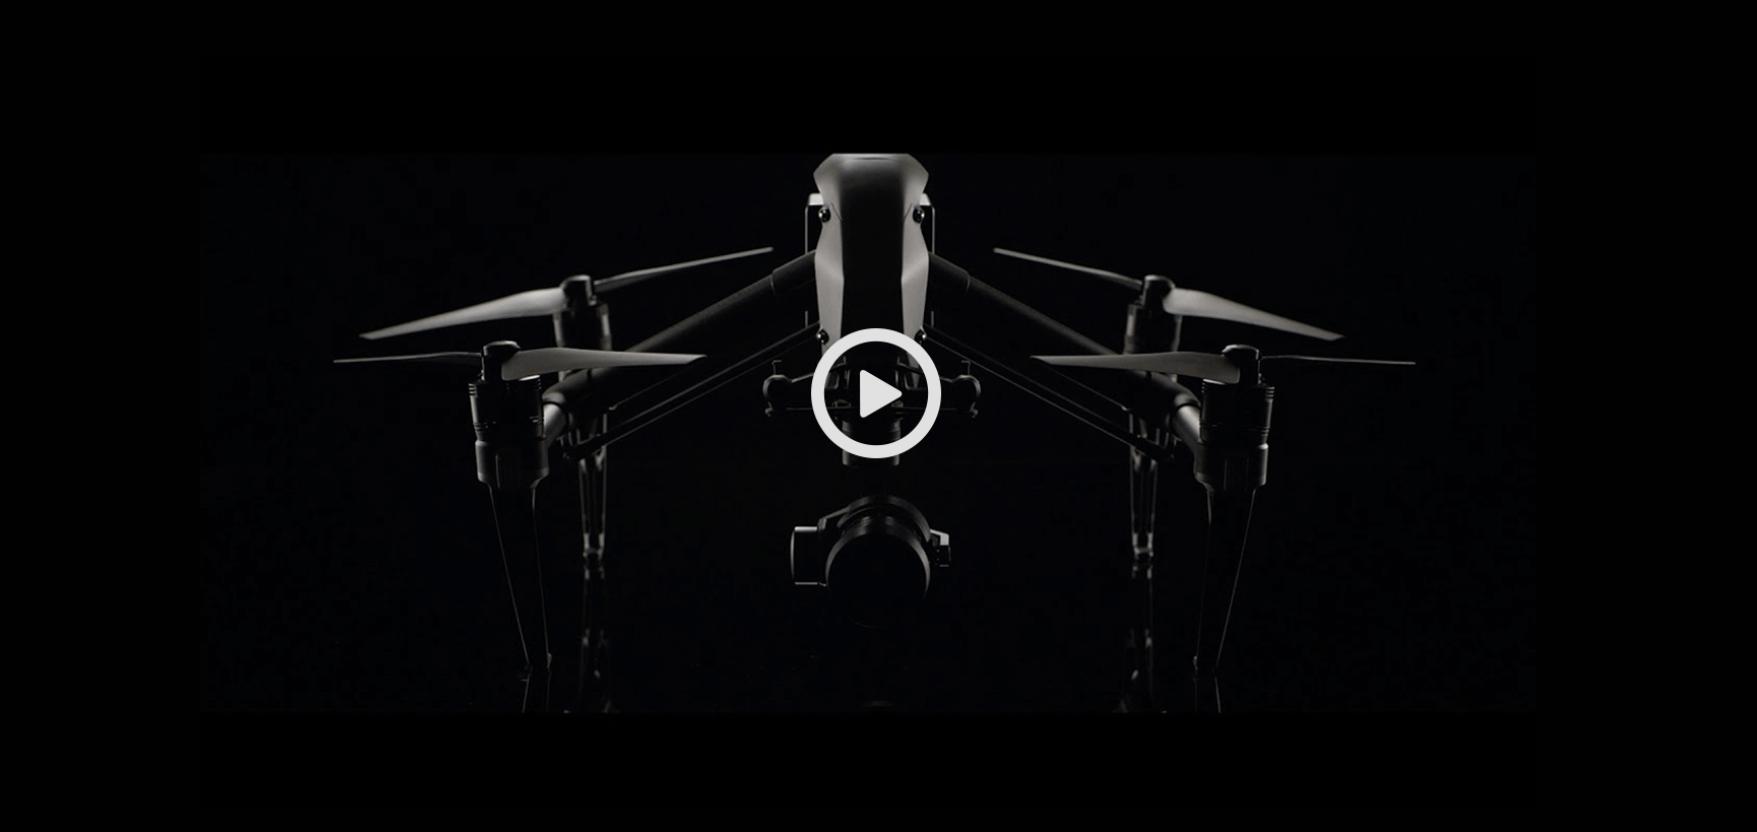 dj inspire 2 drone neighborhood loans marketing